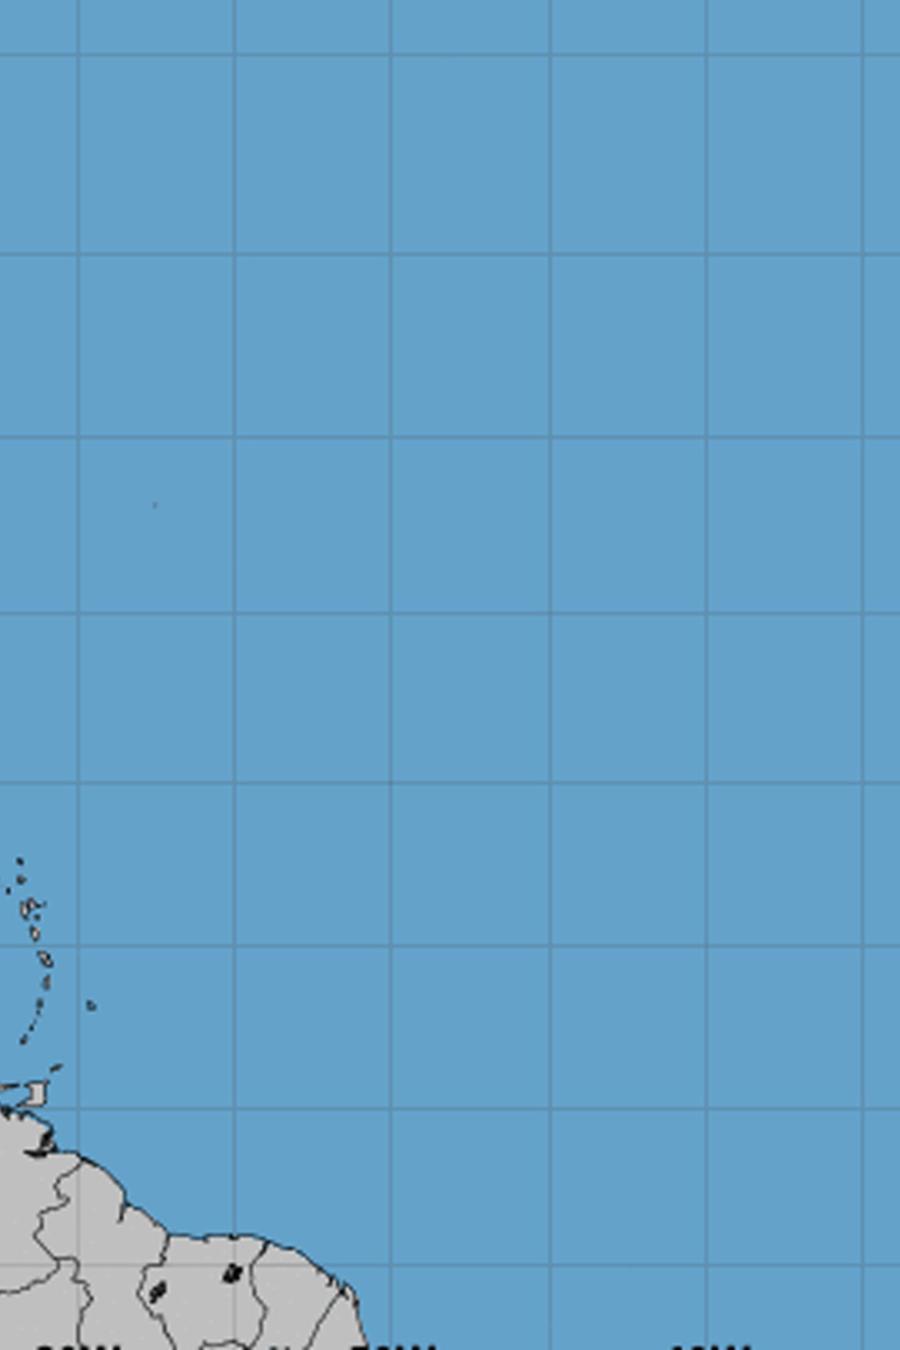 Tormentas en la cuenca del Atlántico en temporada de huracanes